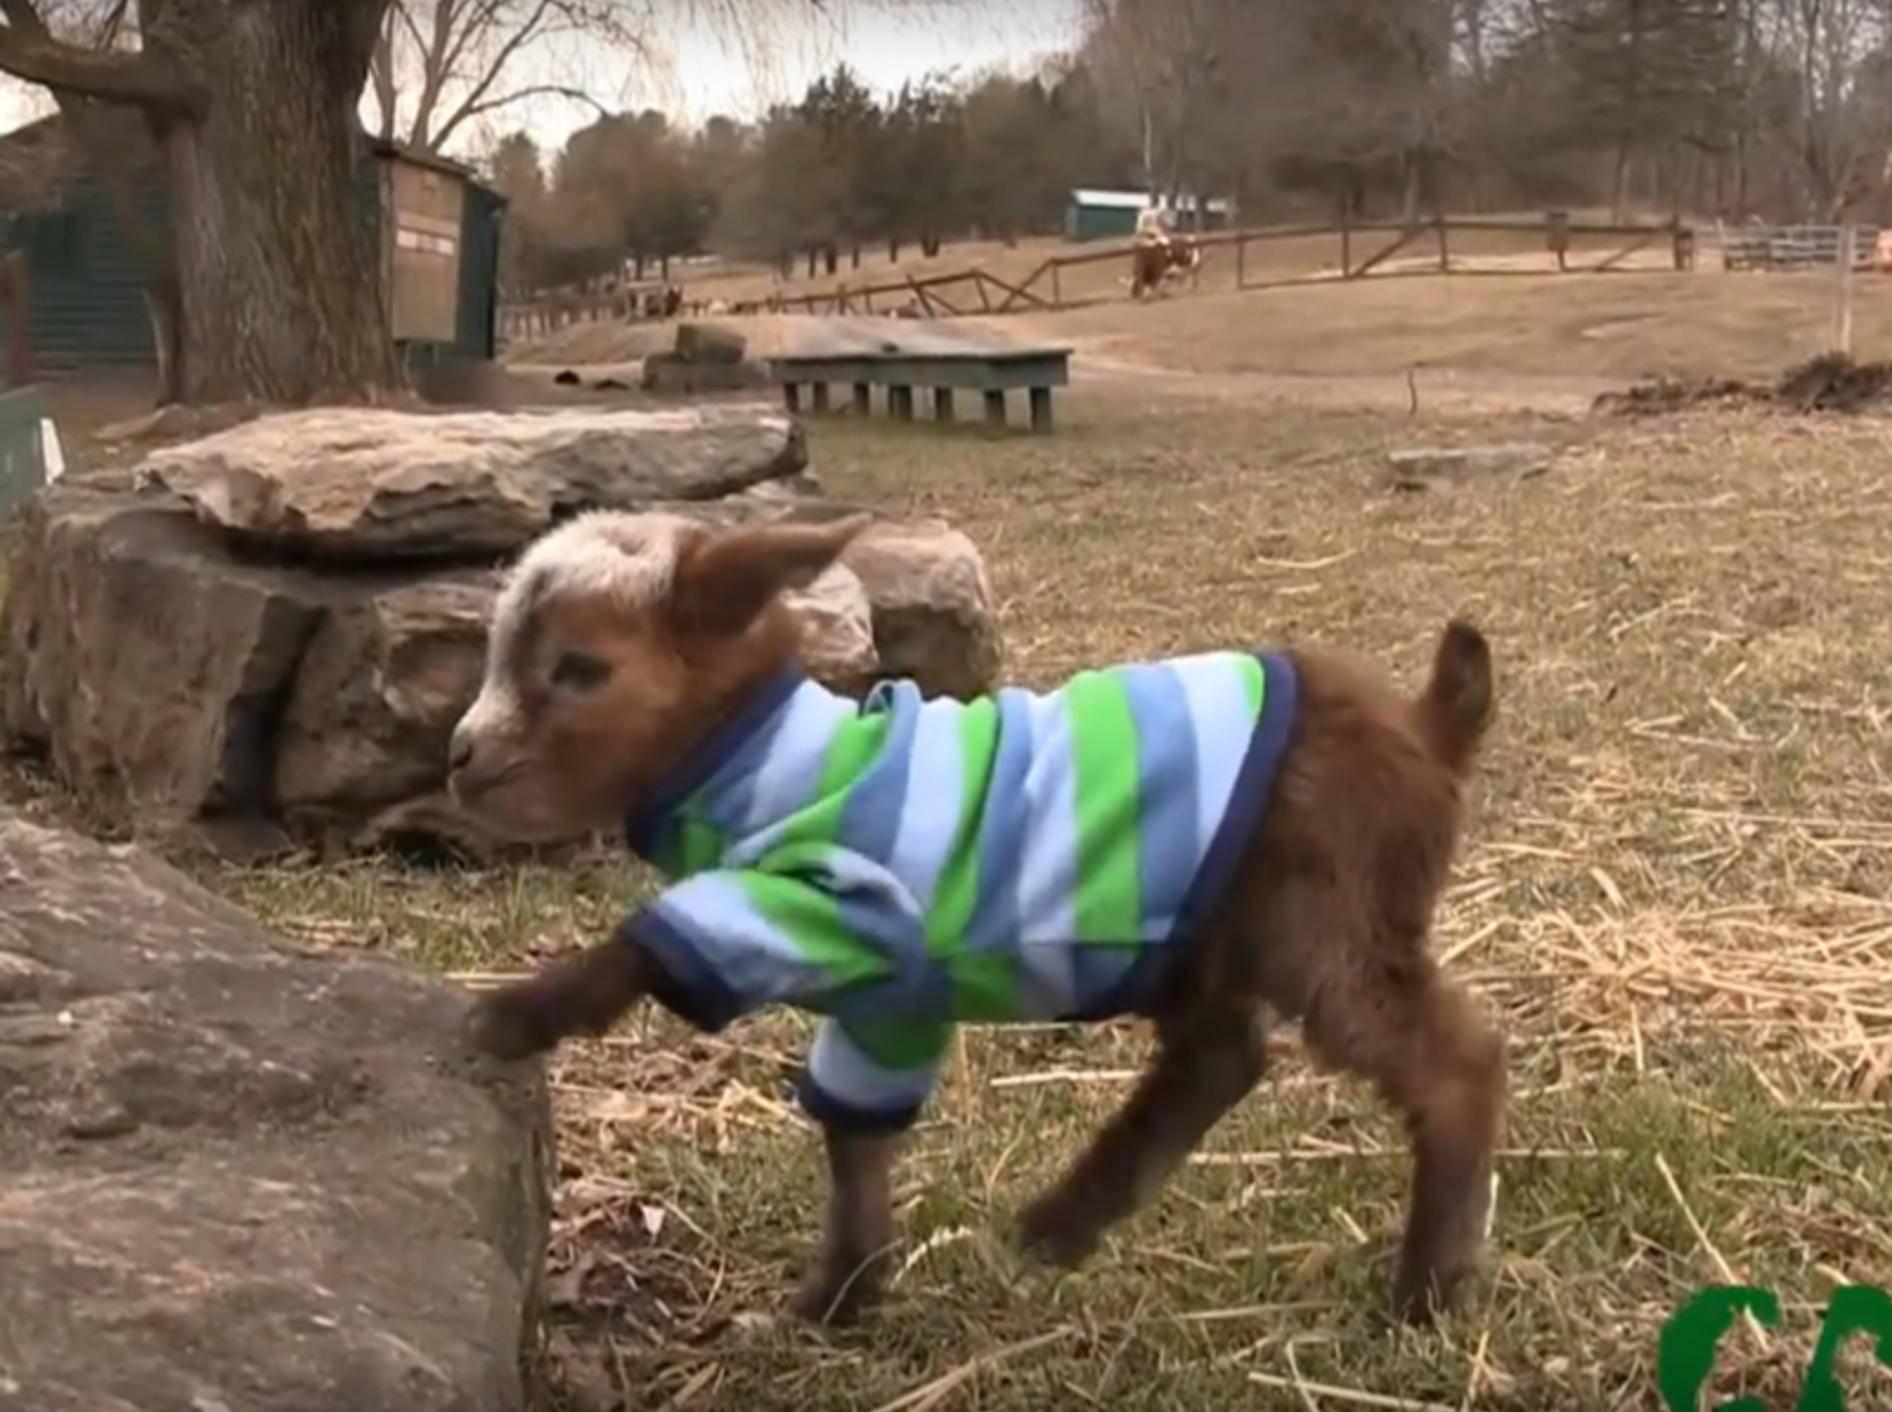 Zicklein Violet klettert auf einen Felsen wie ein Profi – YouTube / Catskill Animal Sanctuary